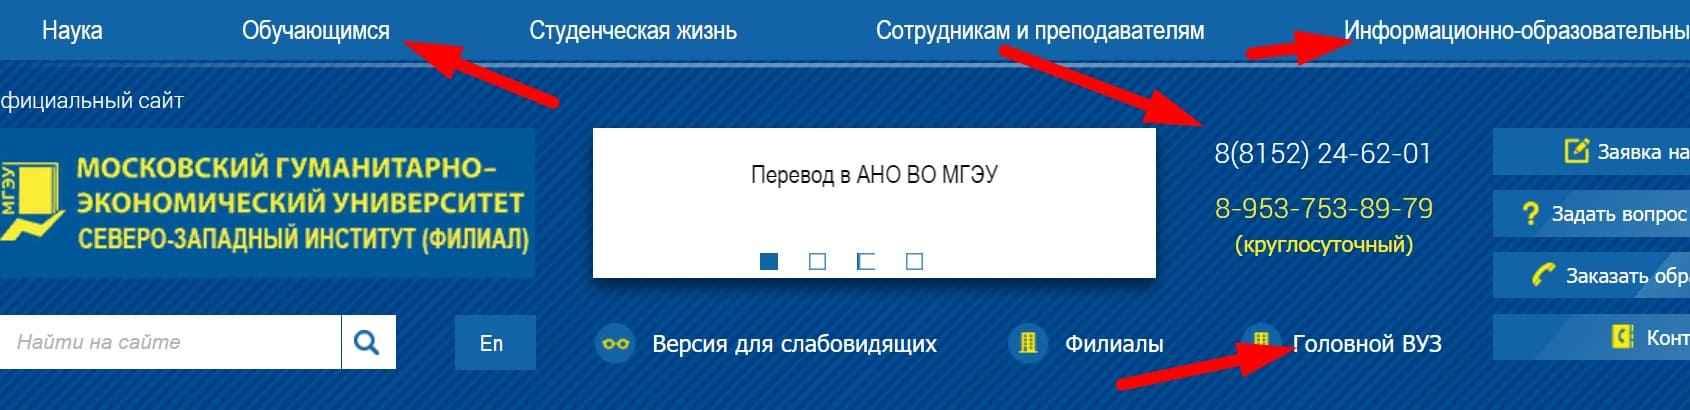 Сайт Мурманского СЗФ МГЭИ